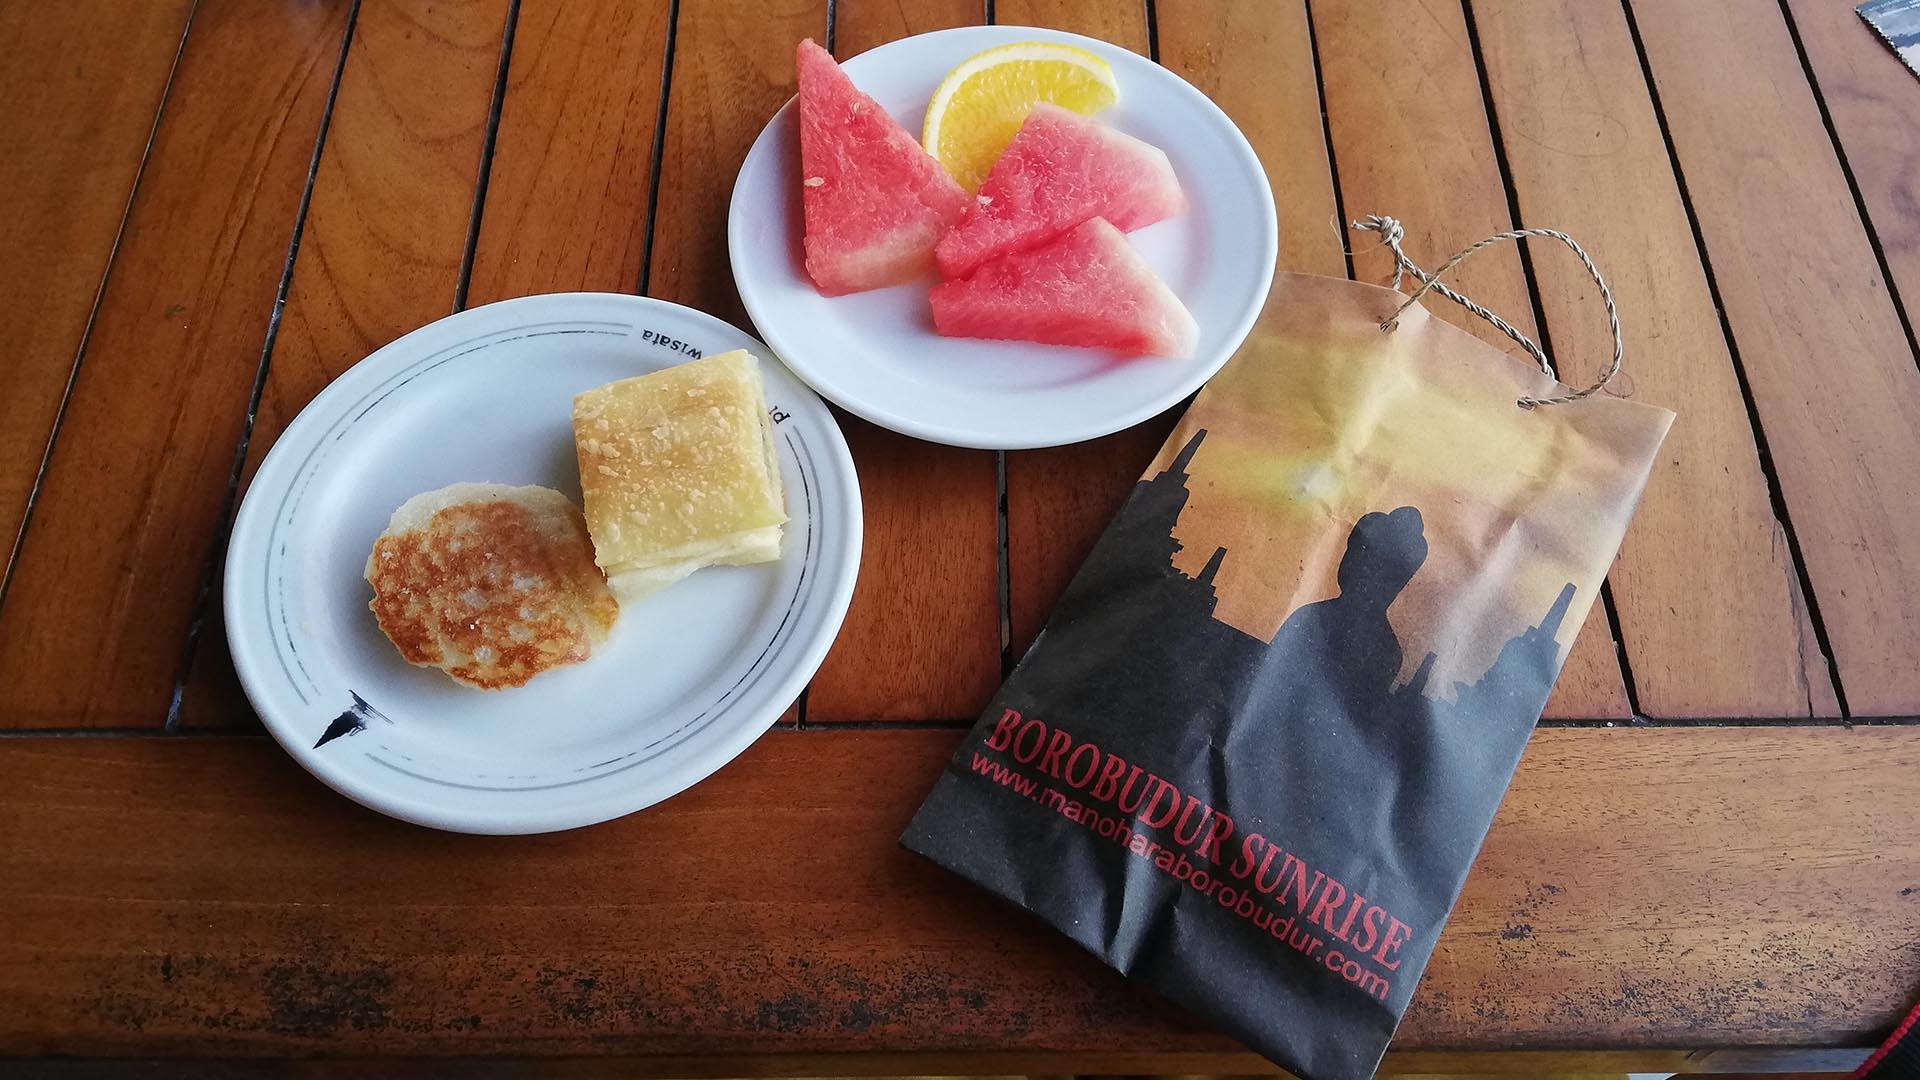 Desayuno y regalo en Borobudur